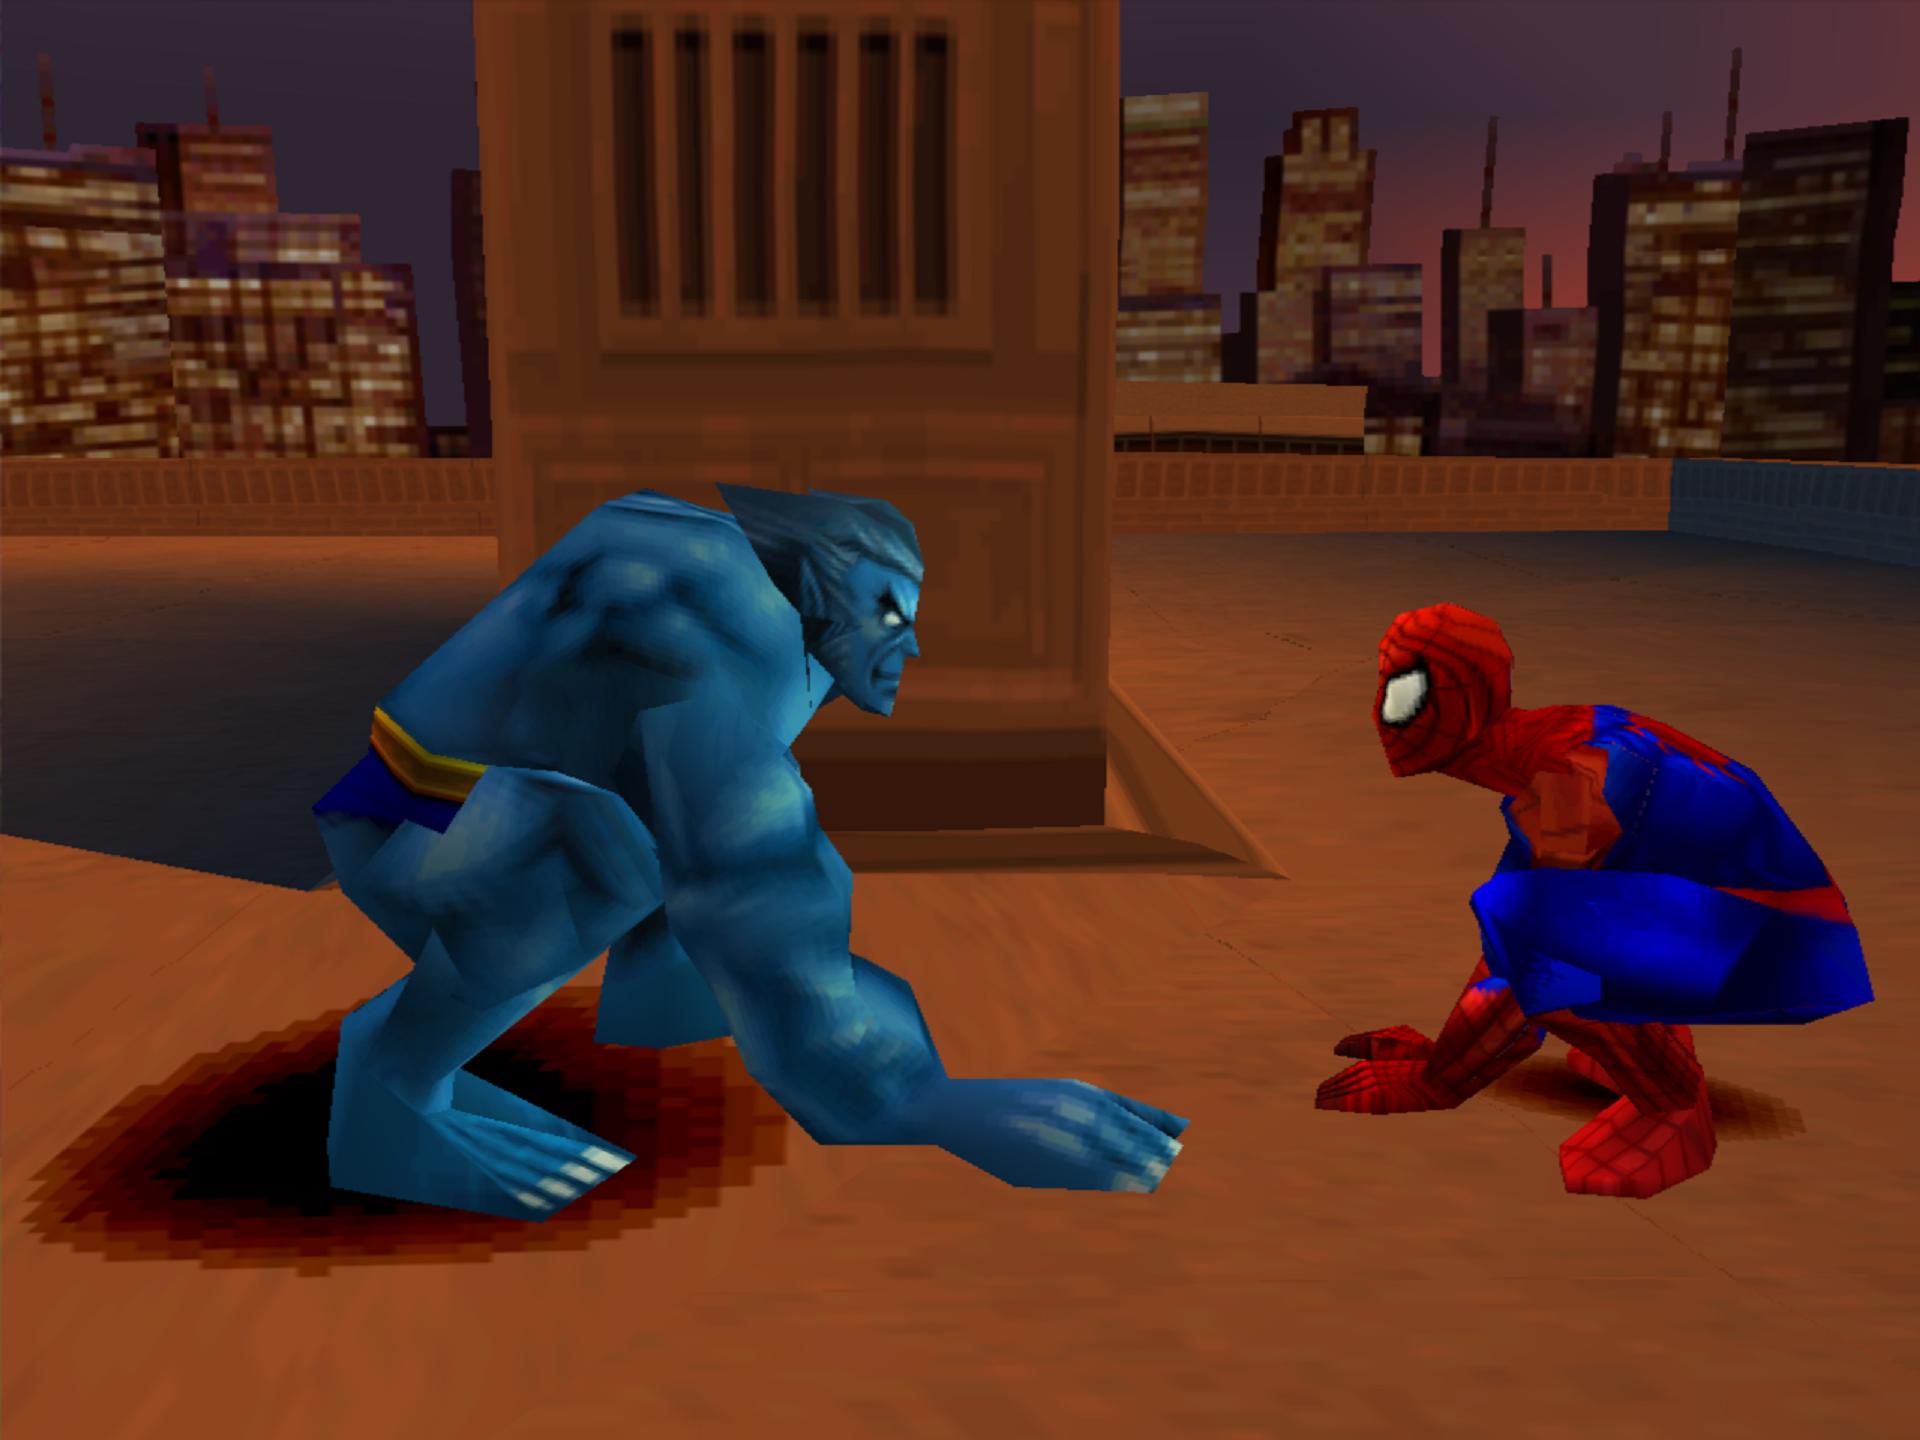 Uno dei pochi 'amici' presenti nel gioco era lo scimmione degli X-Men, che fondamentalmente compare all'inizio per dirti quattro cose e senza farsi vedere mai più.